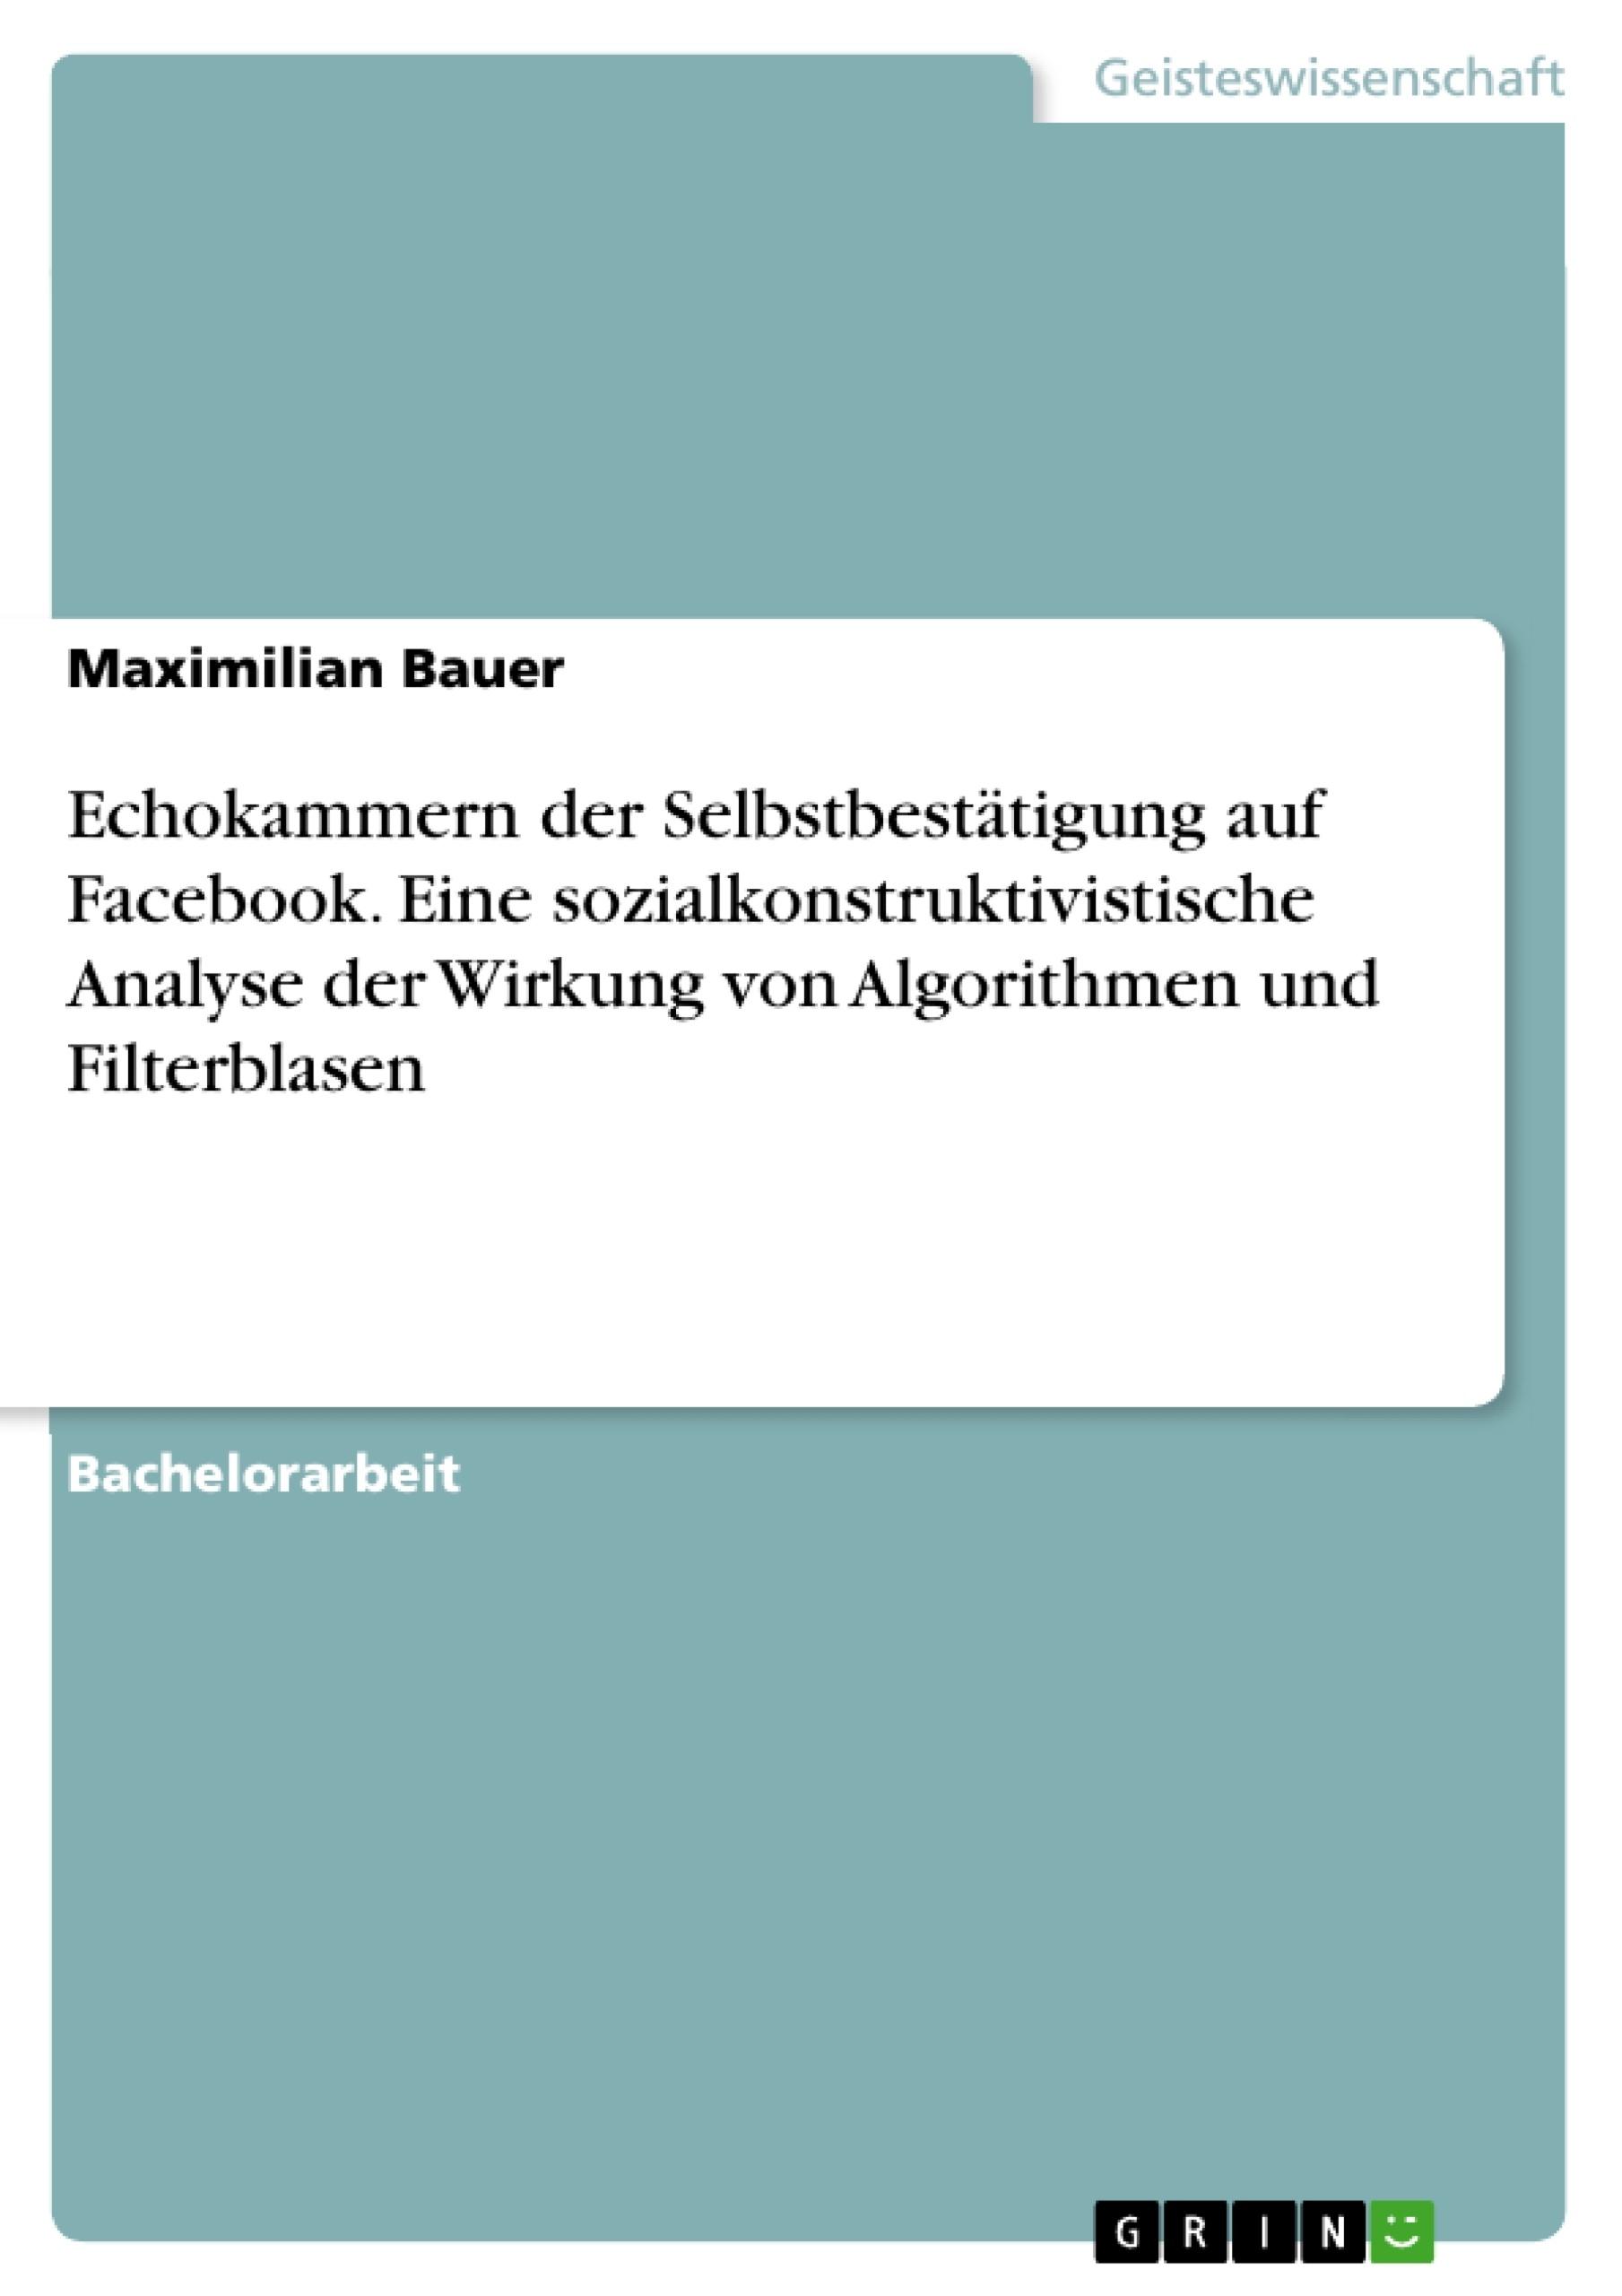 Titel: Echokammern der Selbstbestätigung auf Facebook. Eine sozialkonstruktivistische Analyse der Wirkung von Algorithmen und Filterblasen